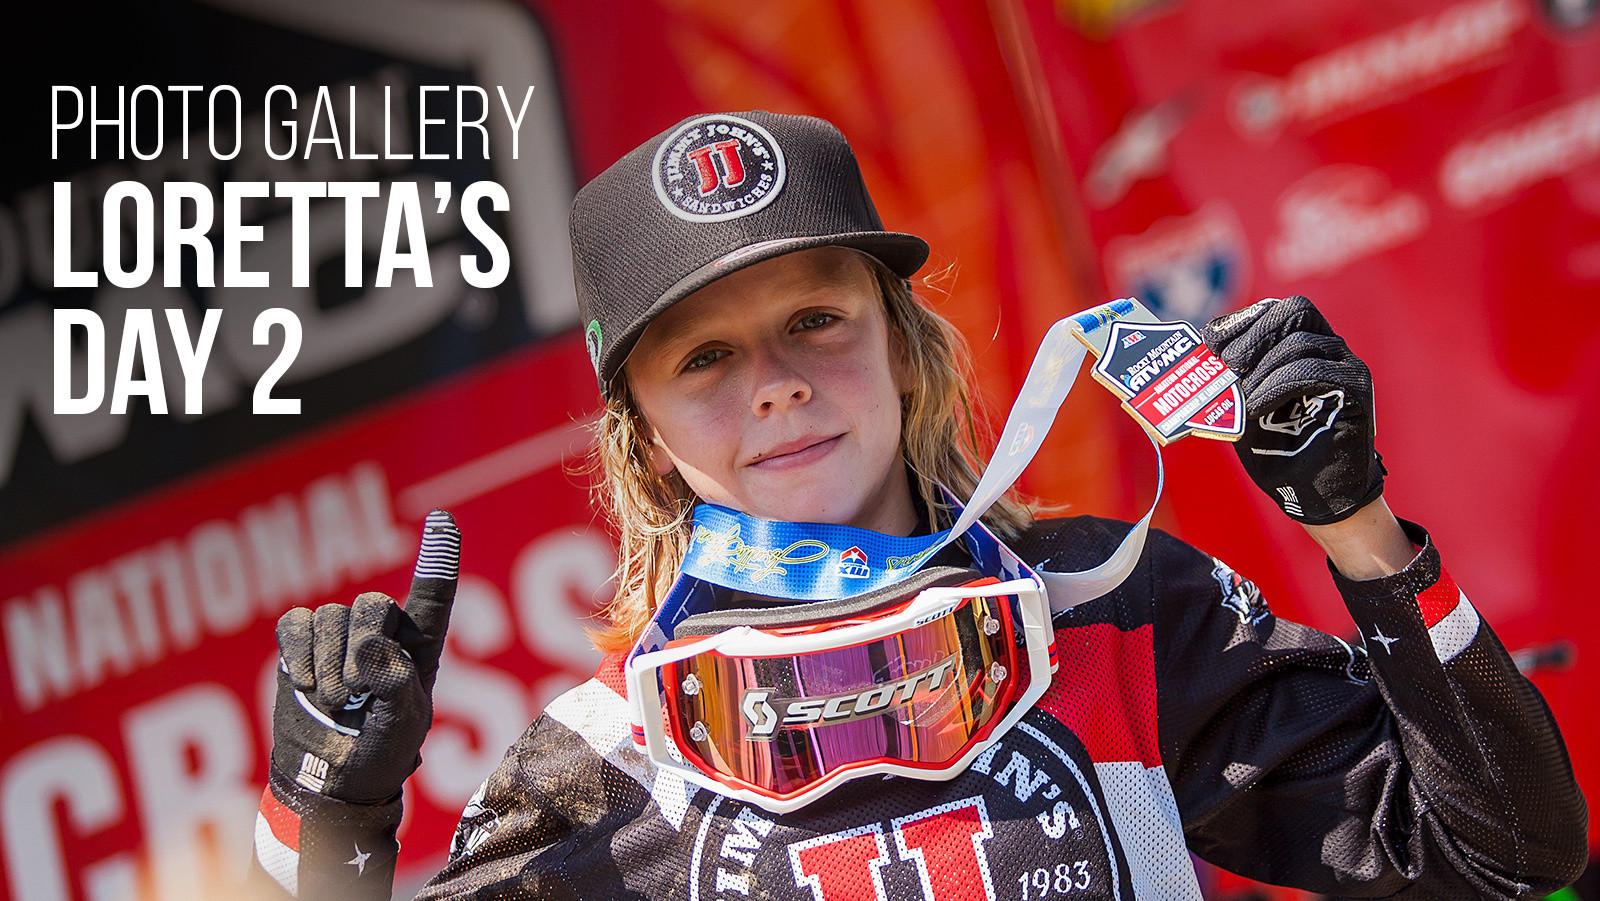 Photo Gallery: Loretta's Day 2